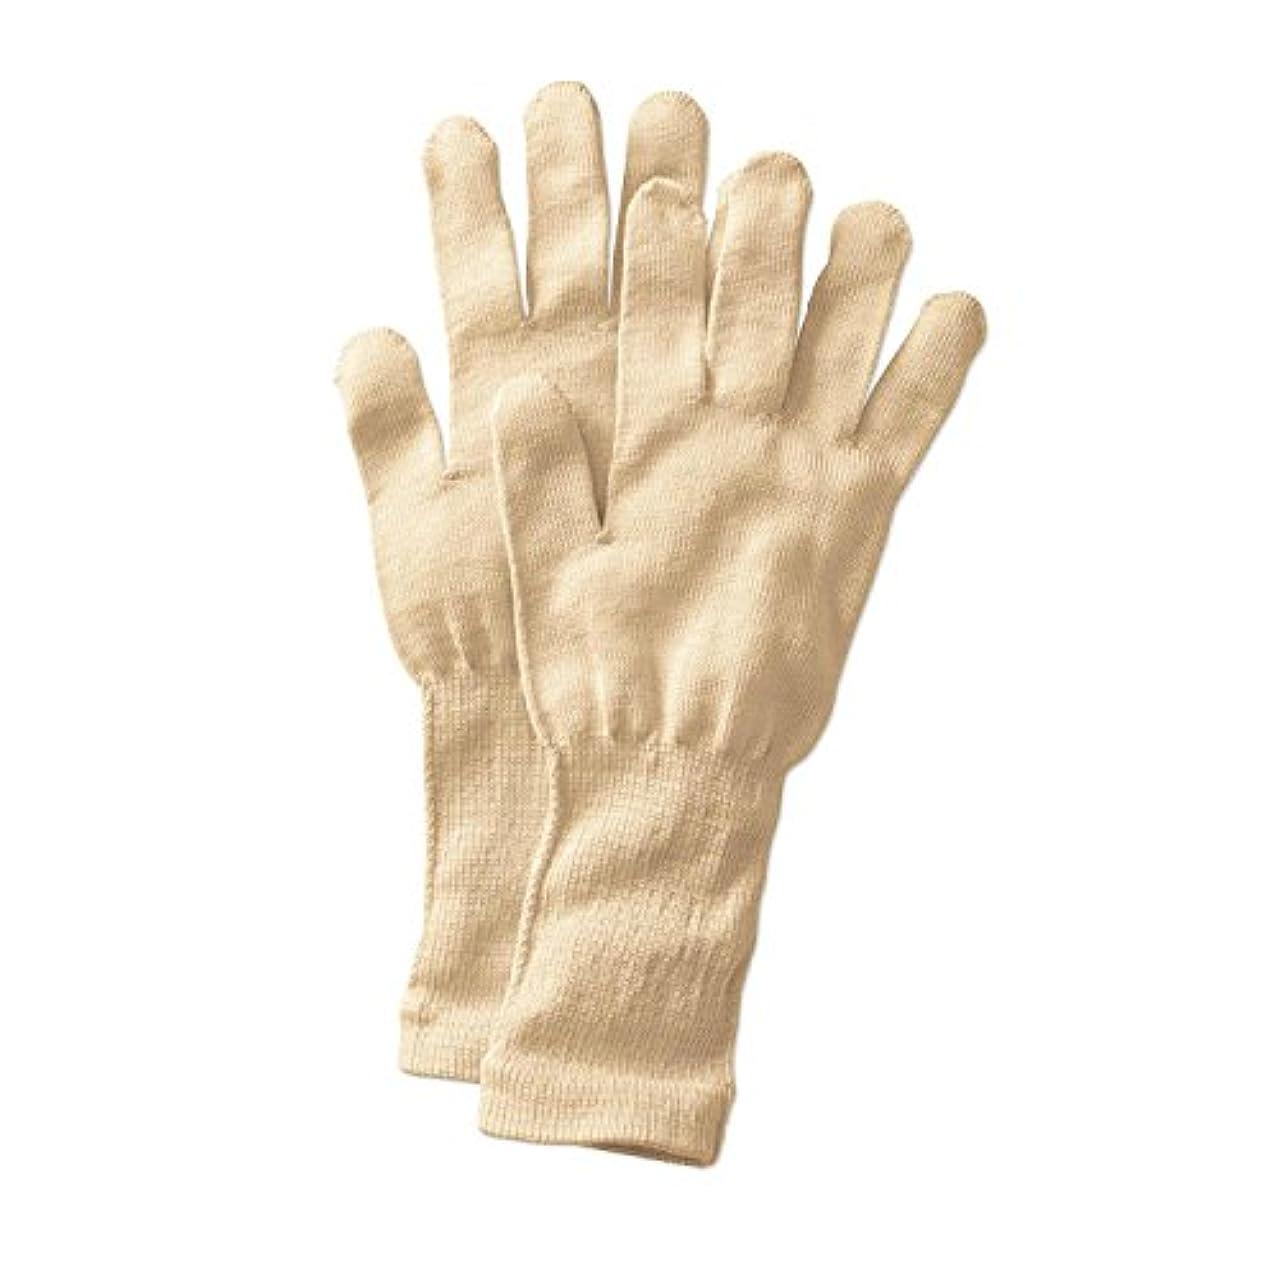 ストリップ幾分敵[ベルメゾン] 手袋 シルク 冷え取り おやすみ あったか /冷えとり日和365 クリーム